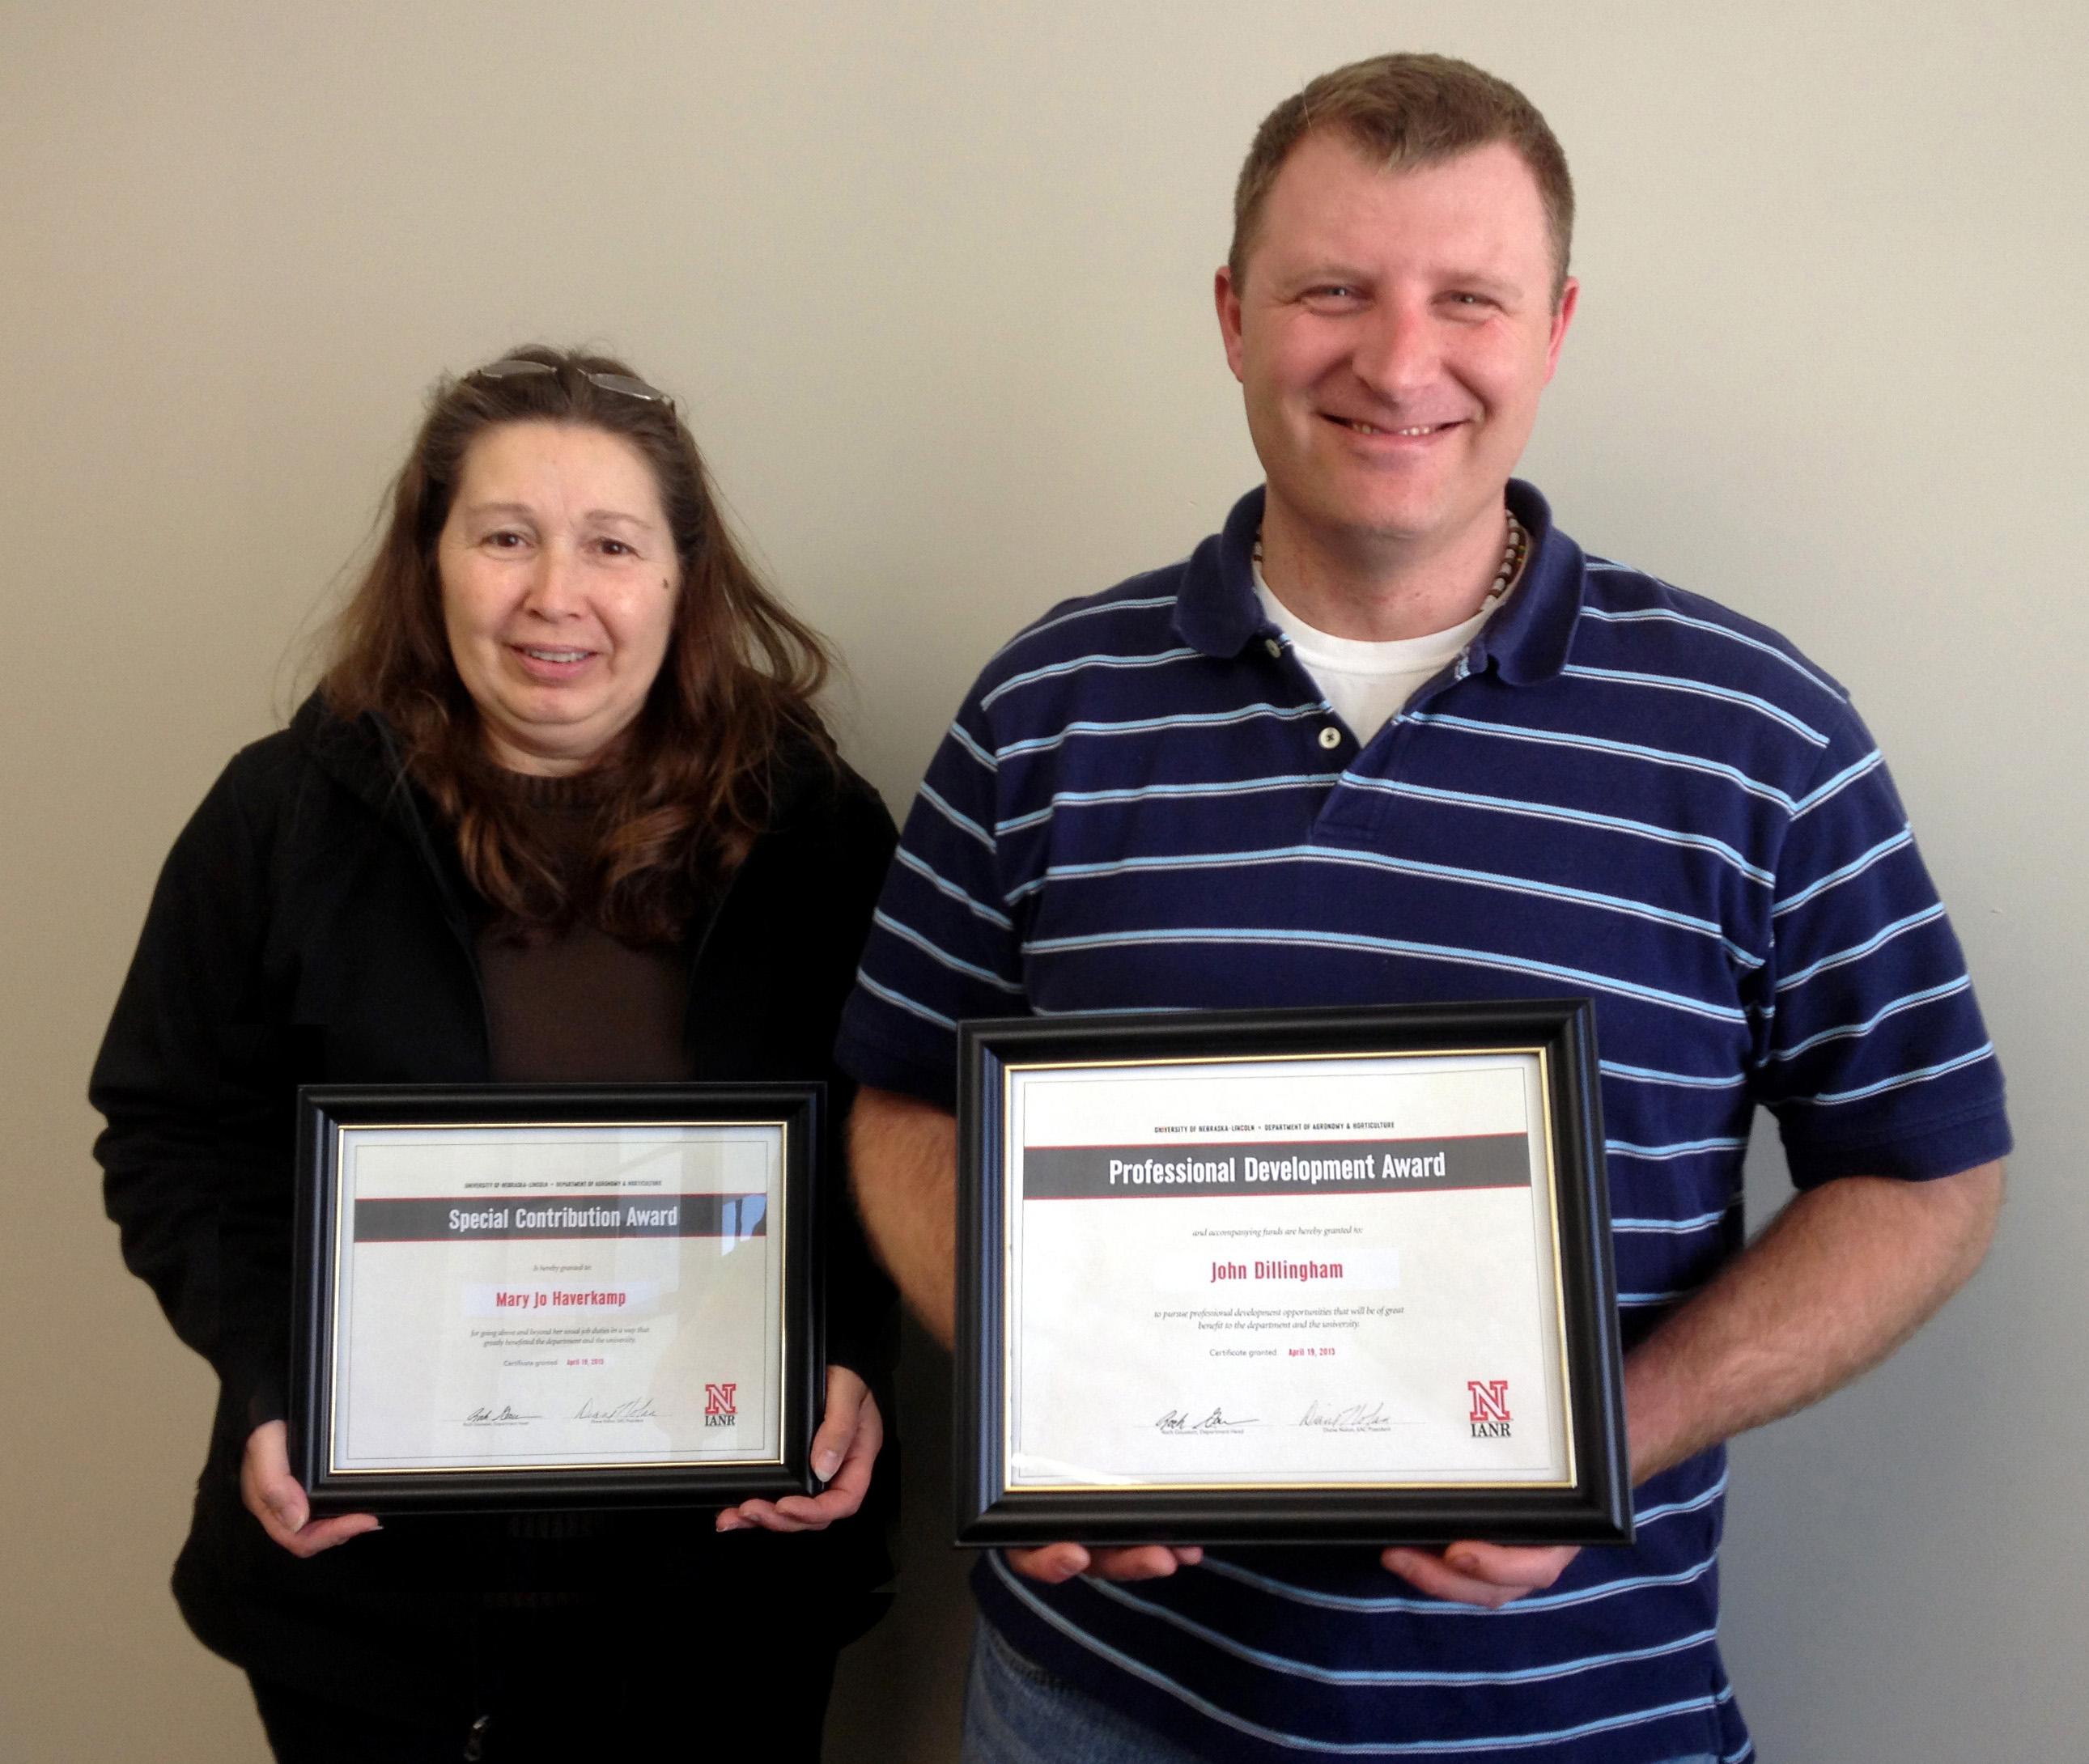 Award winners Mary Joe Haverkamp and John Dillingham